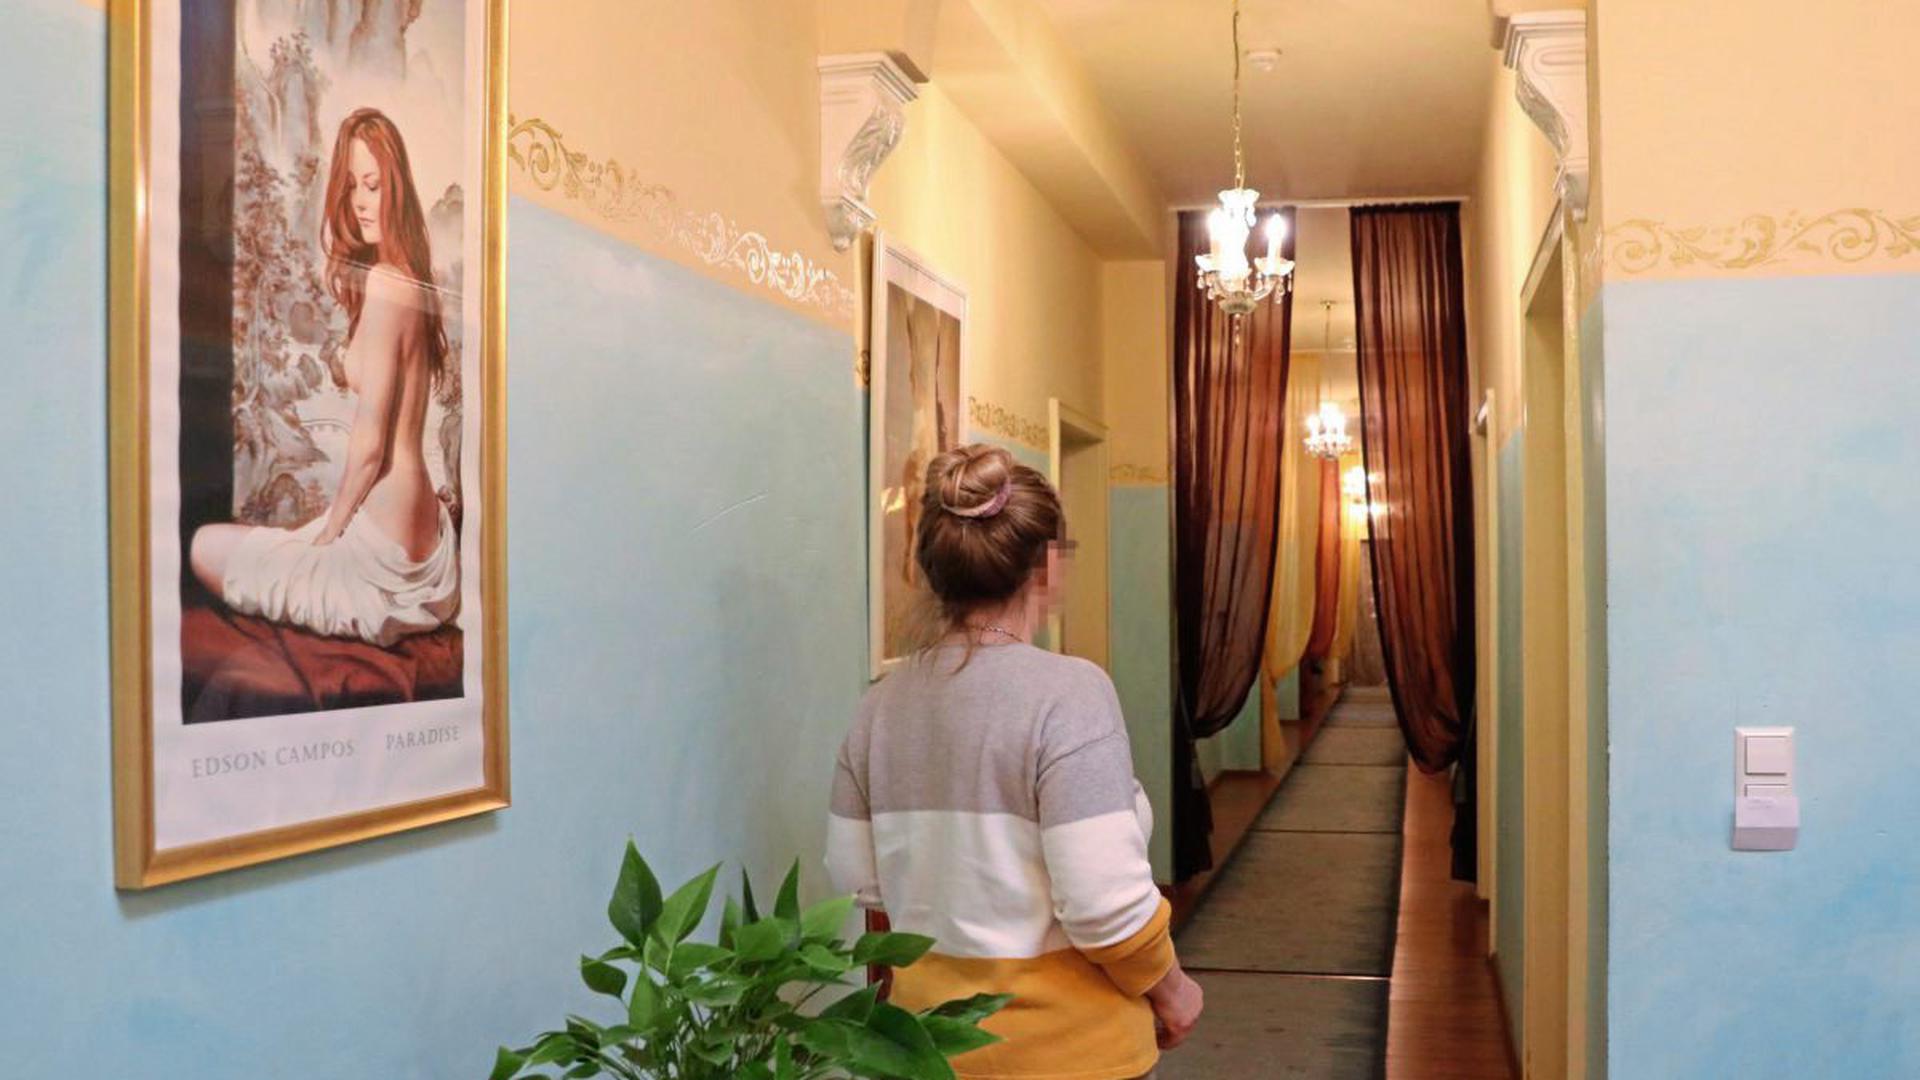 """Leeres Bordell: Bei """"Lauras Girls"""" herrscht seit Mitte März Stillstand. Die Betreiberin hat eine Petition für die schrittweise Wieder-Öffnung der Erotikbetriebe gestartet."""